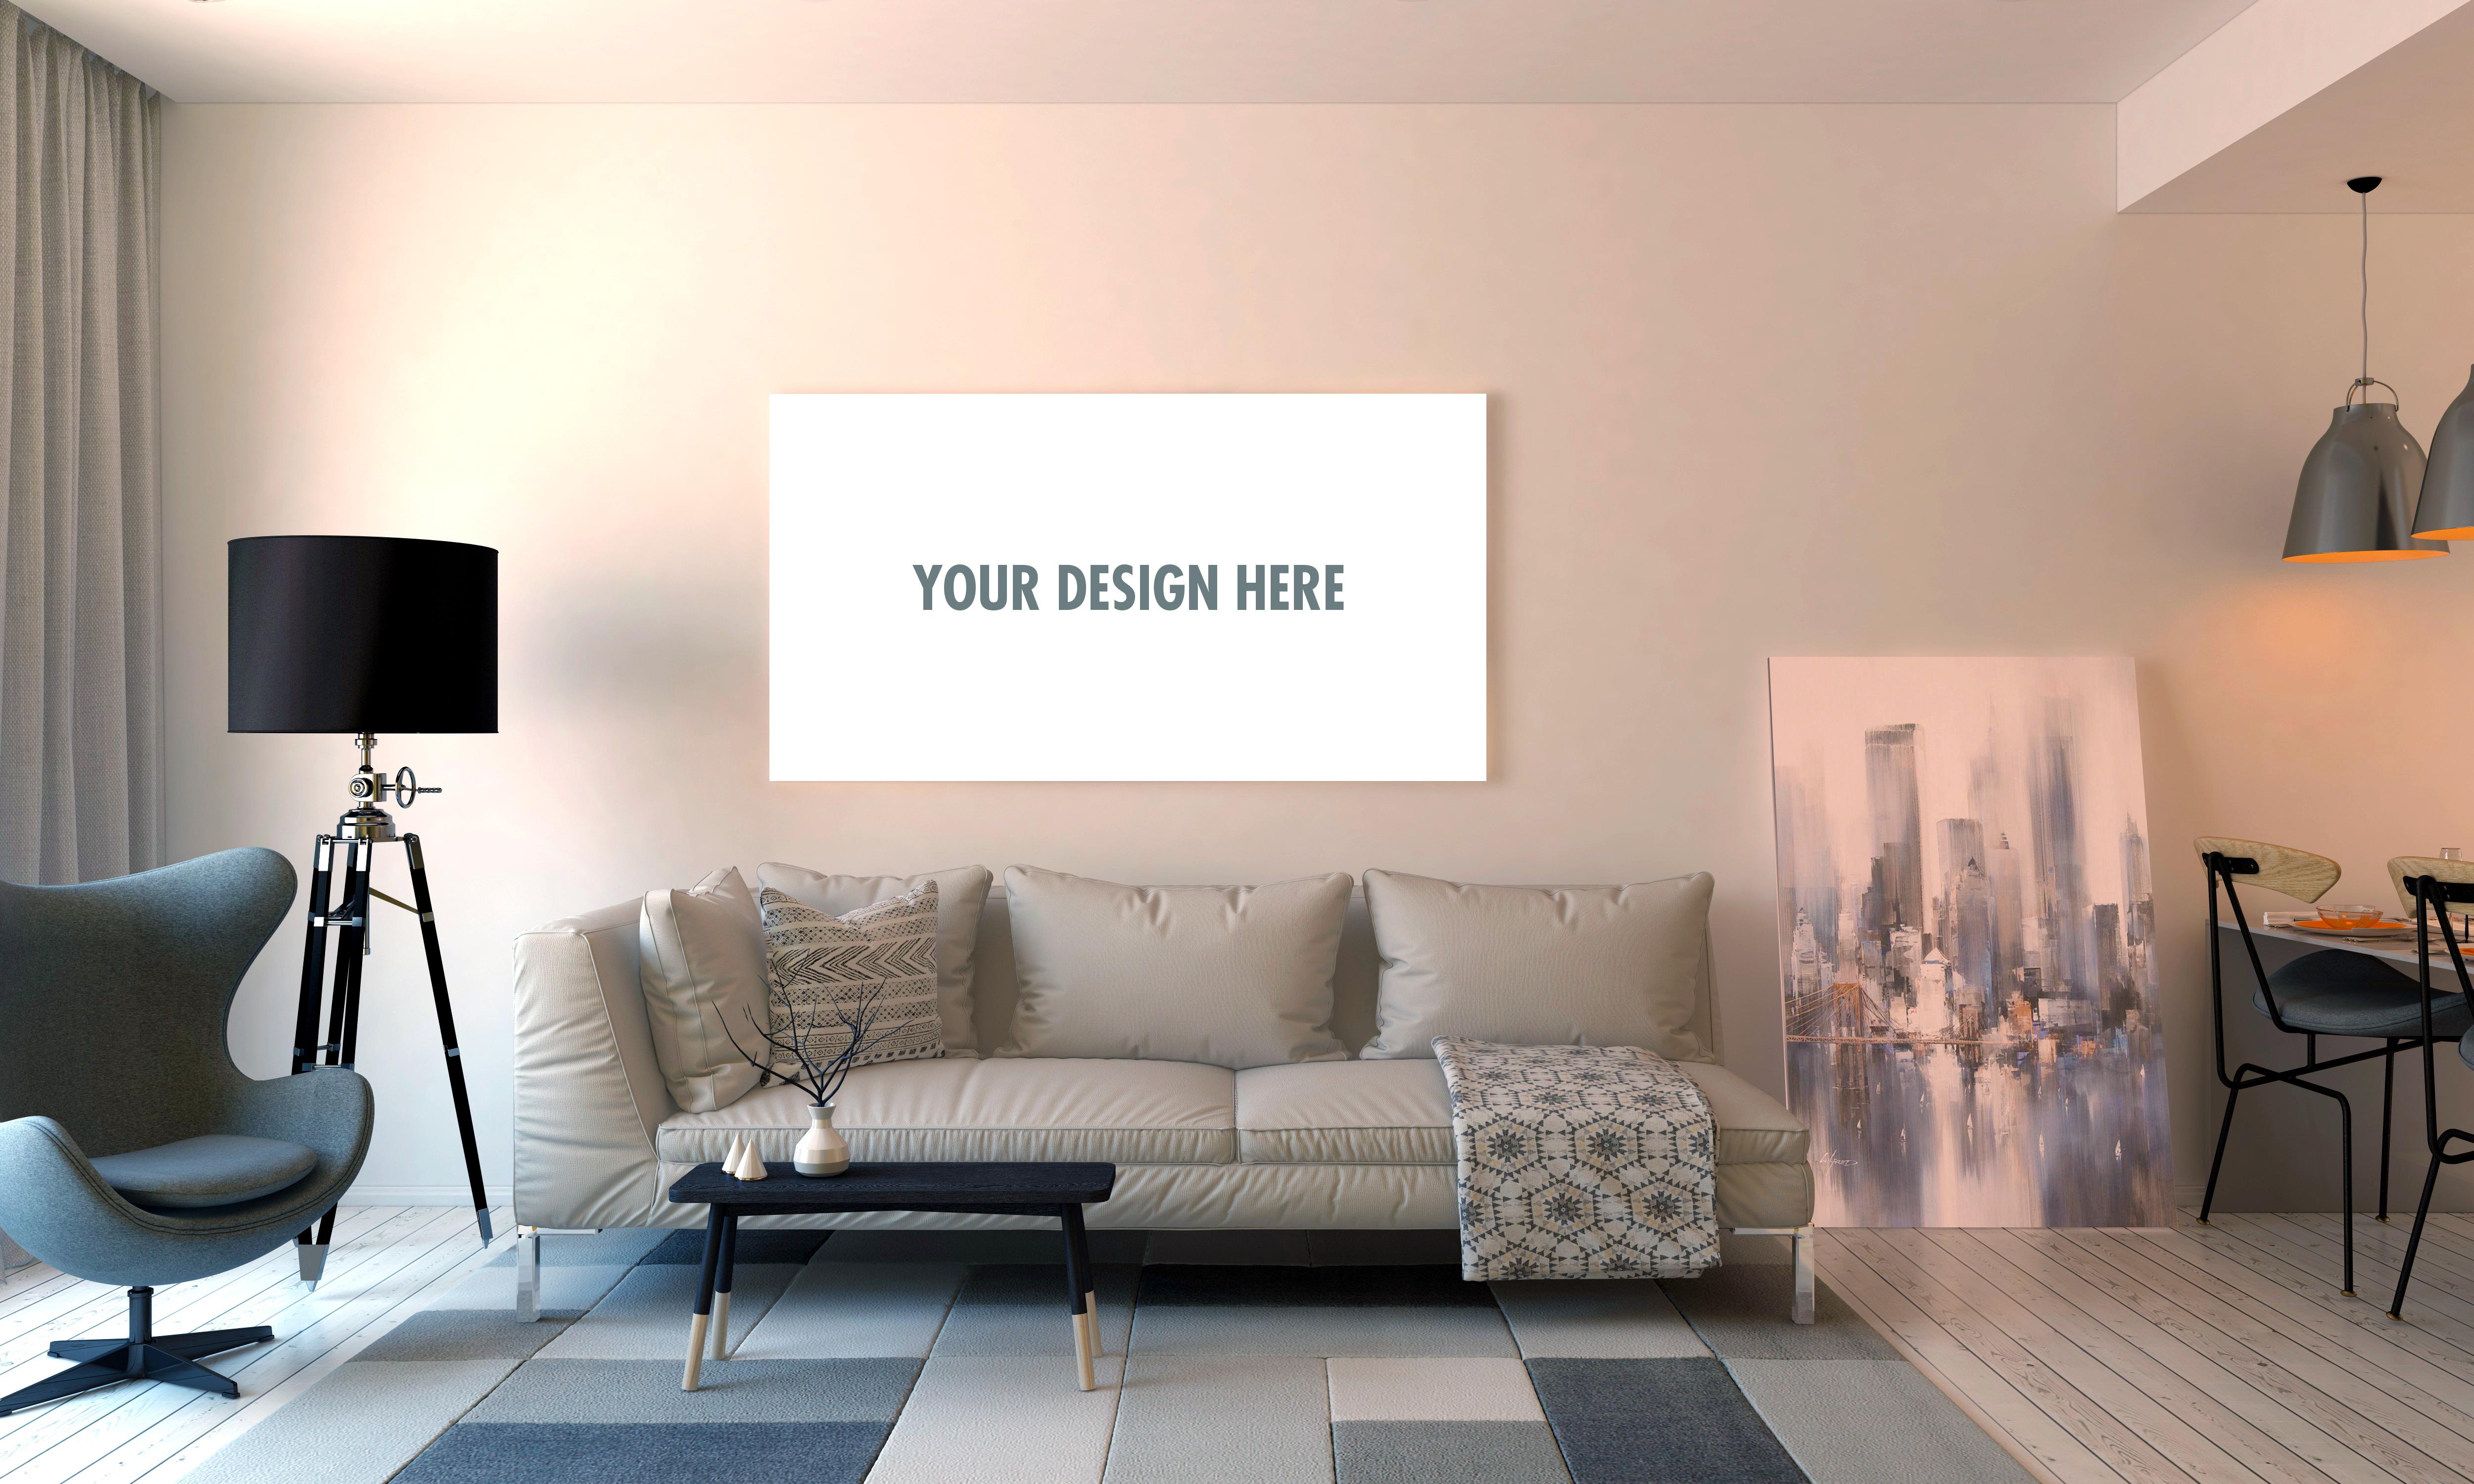 Designa din egen tavla, canvas, poster eller skylt i olika material